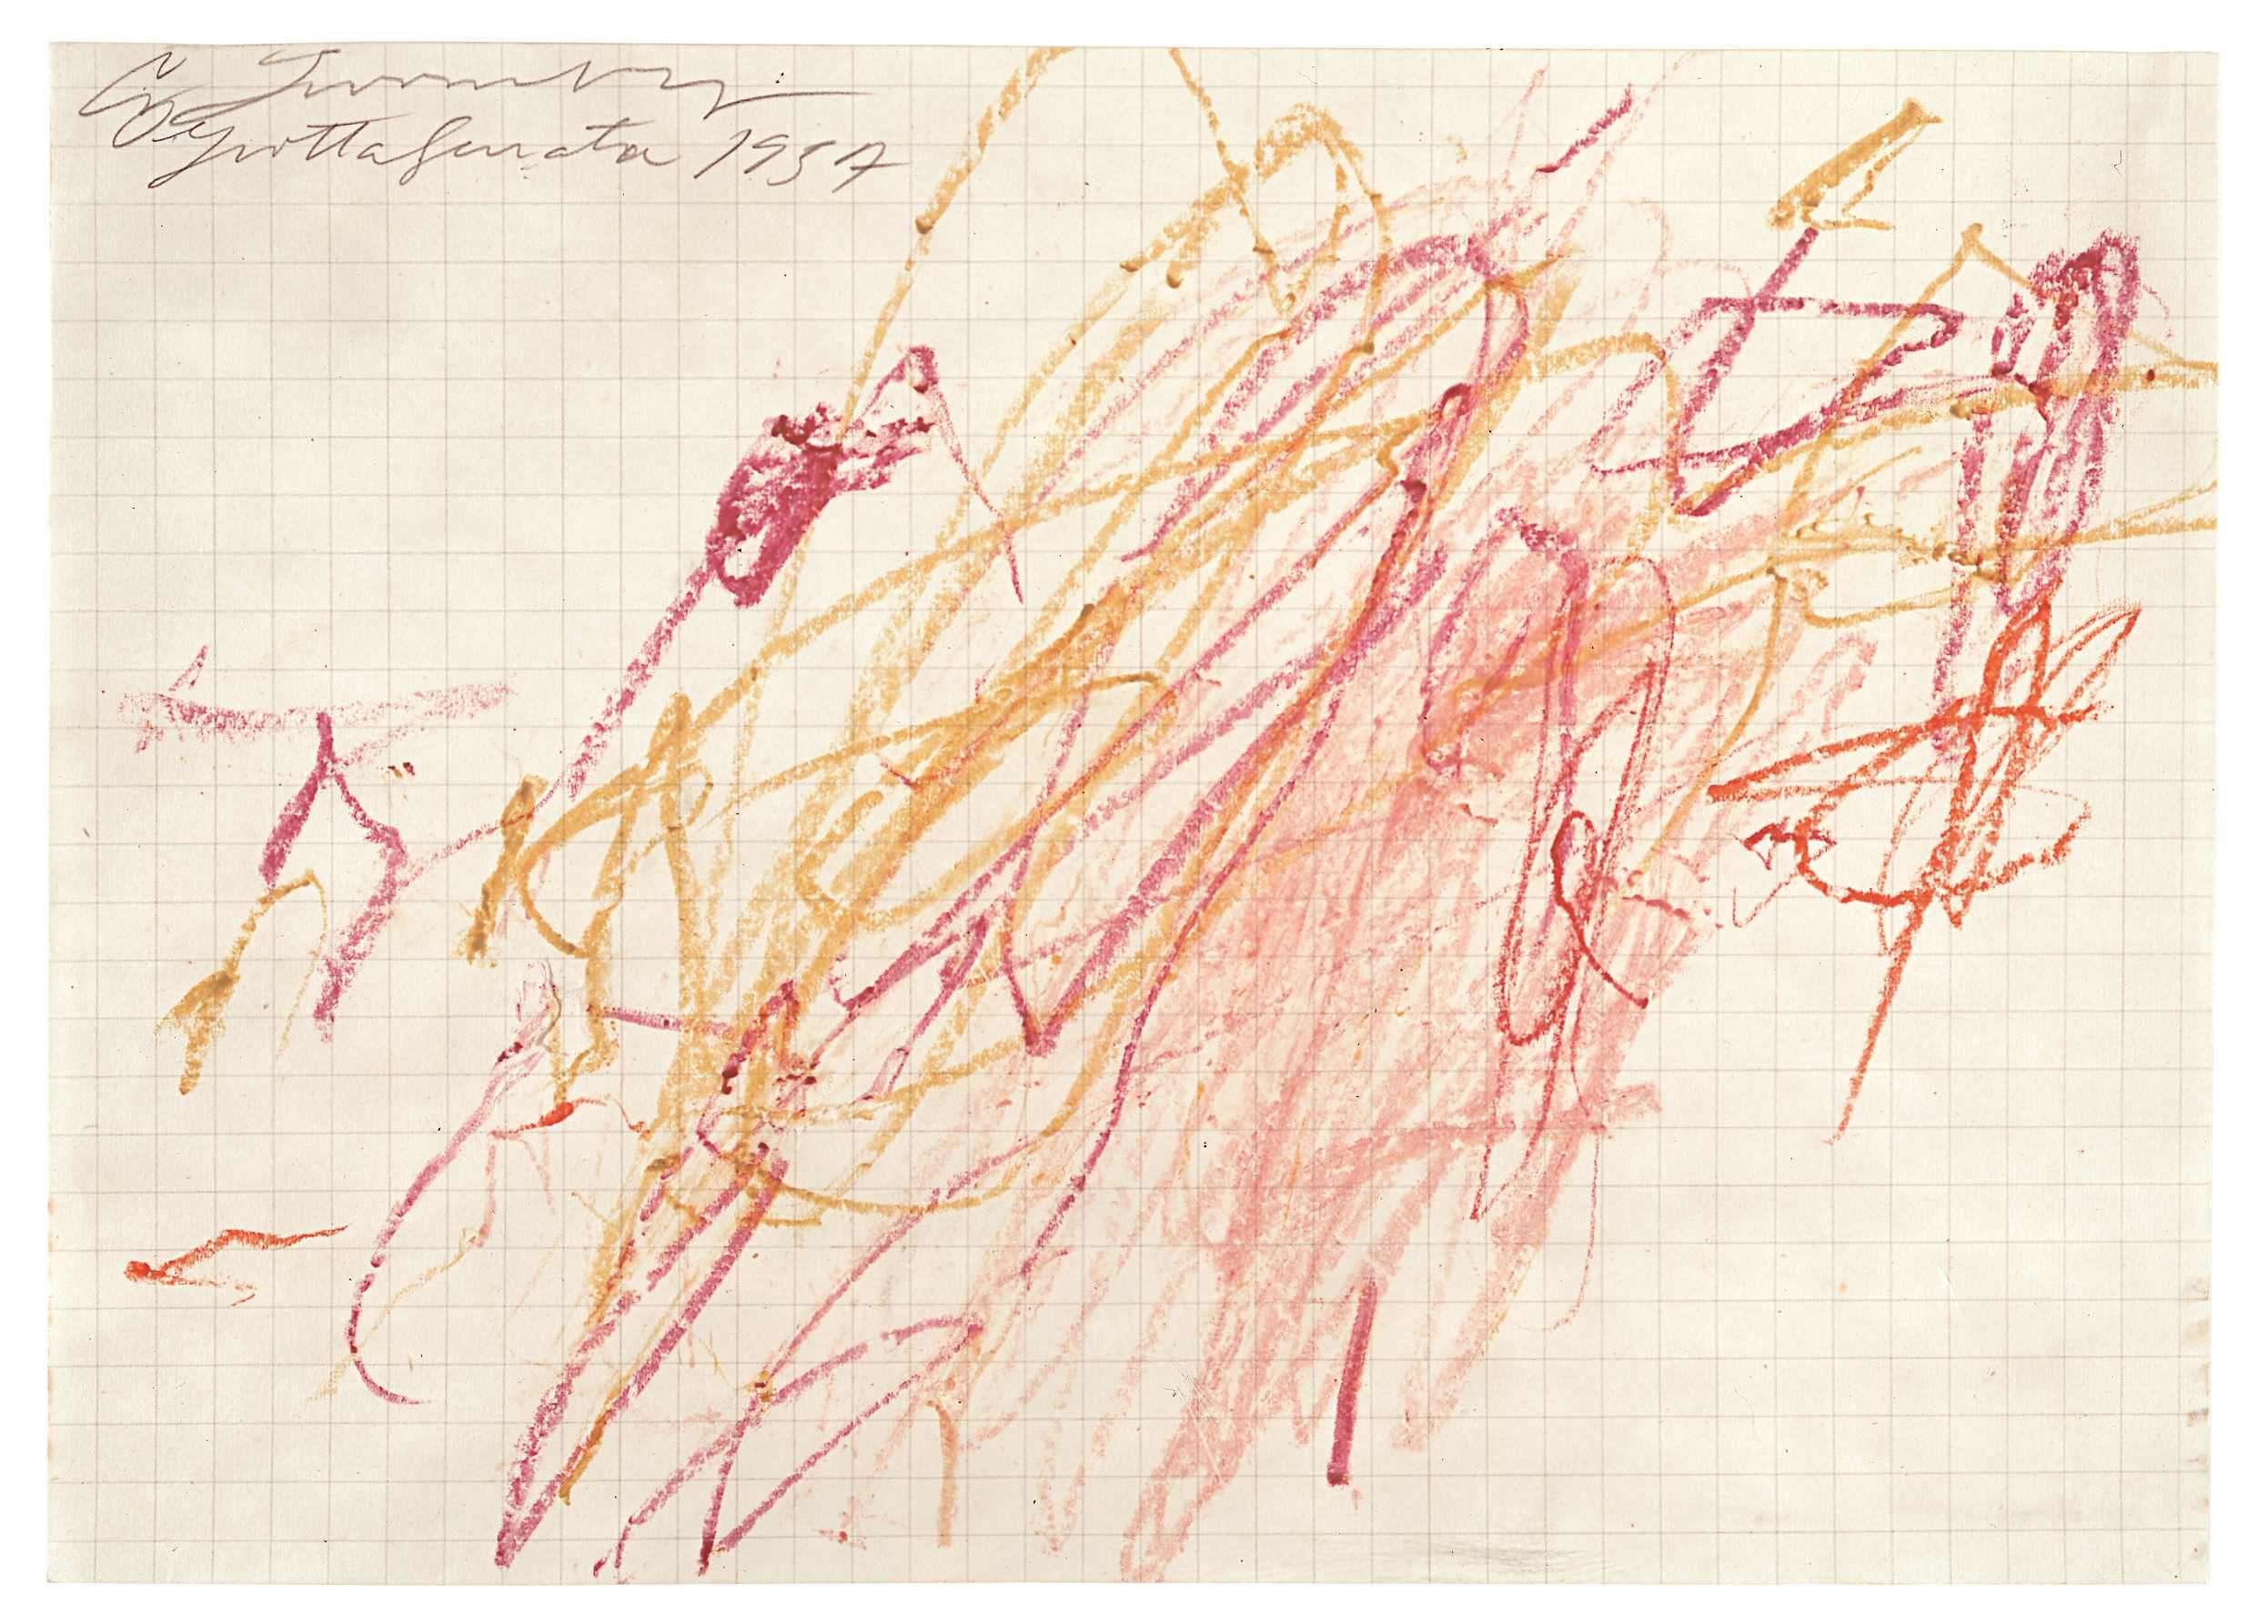 «En 1957, Cy Twombly passe l'été à Grottaferrata chez son amie Betty Stokes, qui avait épousé un aristocrate vénitien. C'est ici qu'il réalise la série de sept dessins à l'écriture nerveuse et aux couleurs vives qu'il offrit à son hôte. »